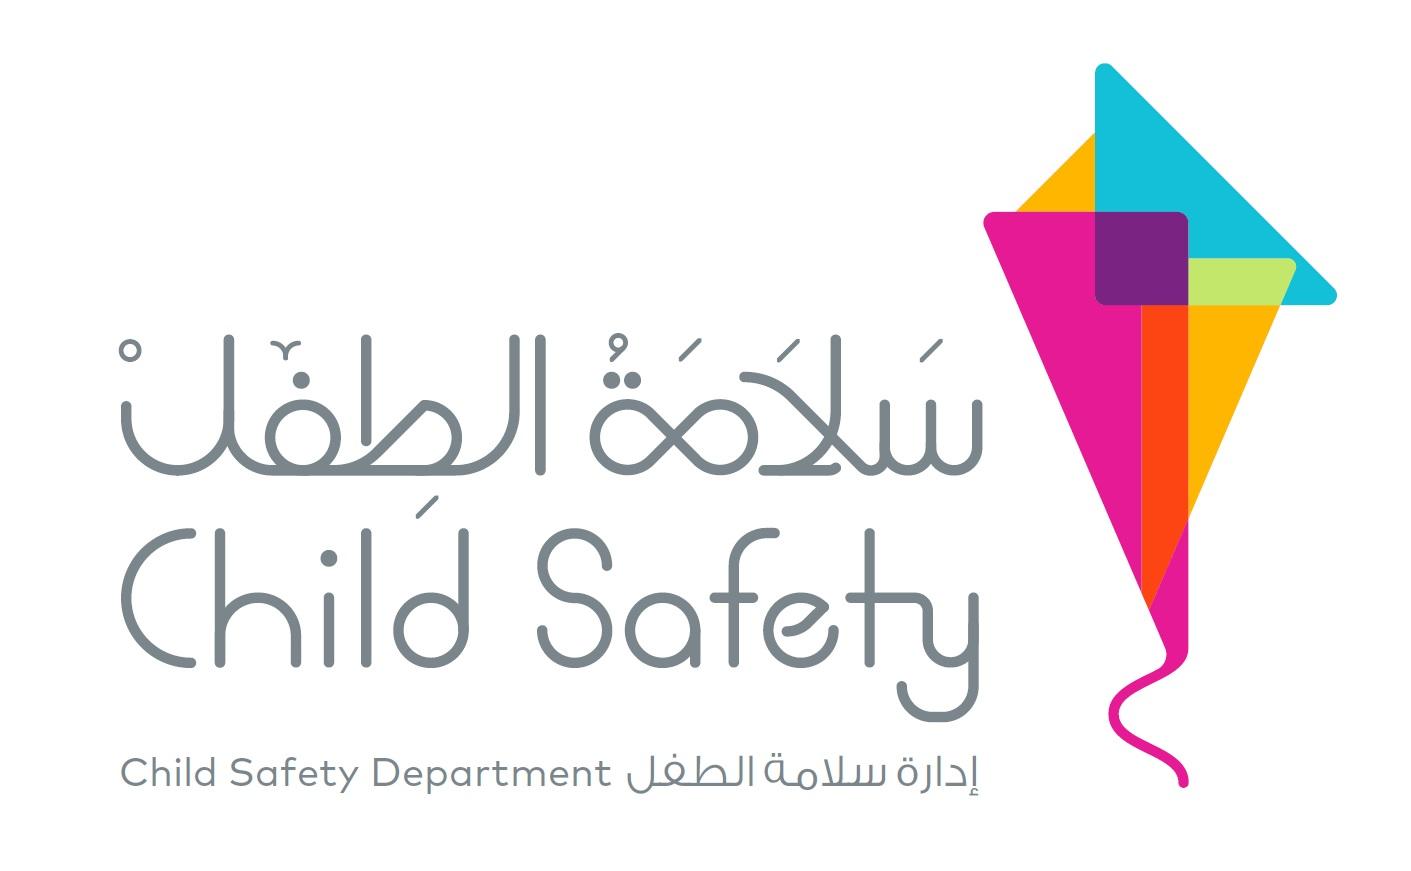 منتدى سلامة الطفل الأول